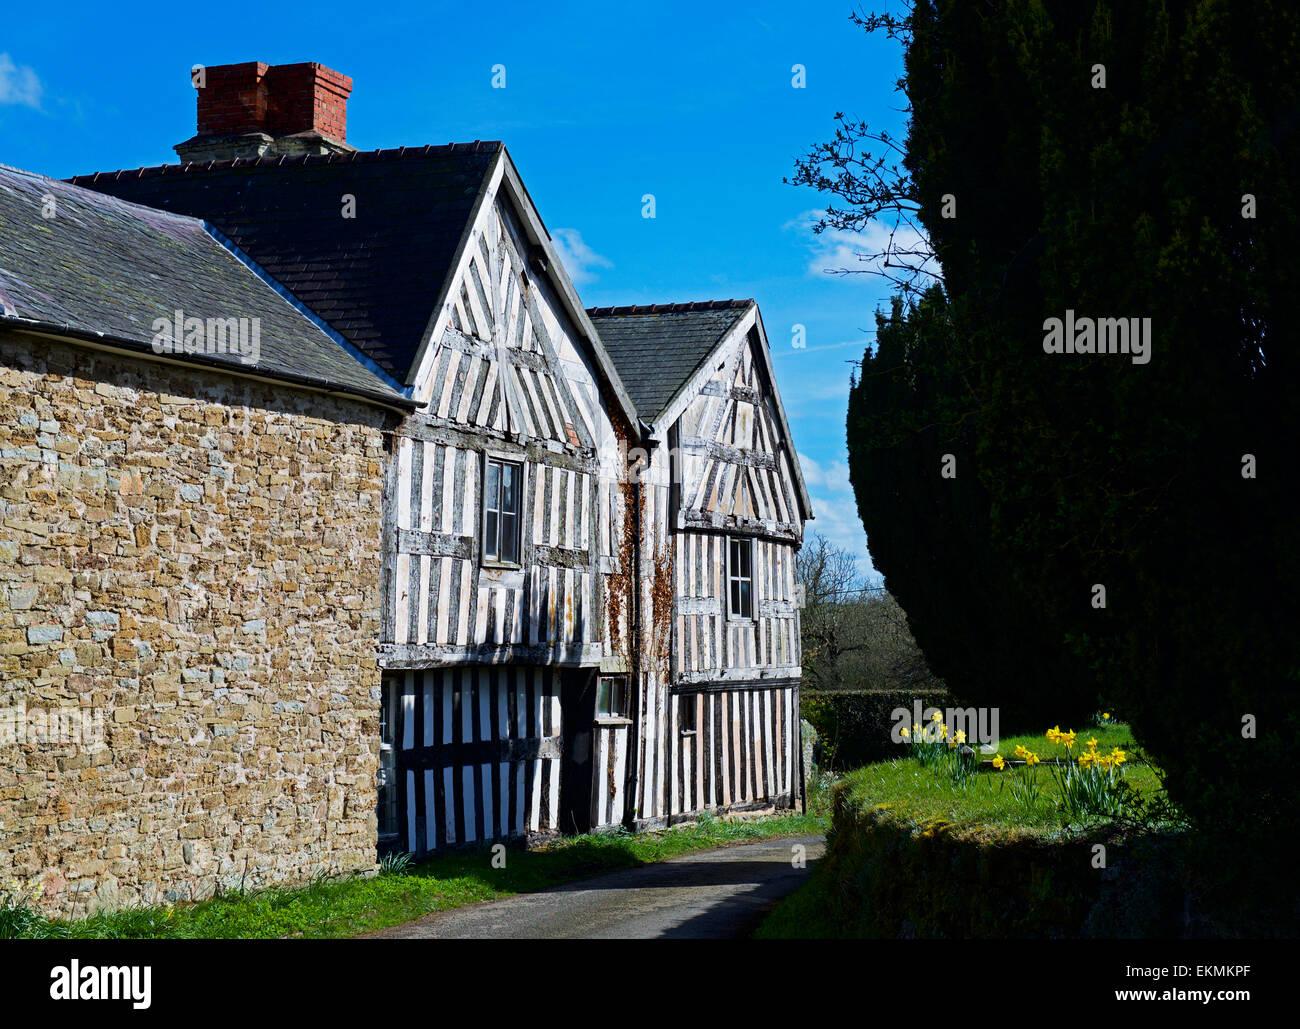 Maison à colombages dans le village de plus, Shropshire, England UK Photo Stock